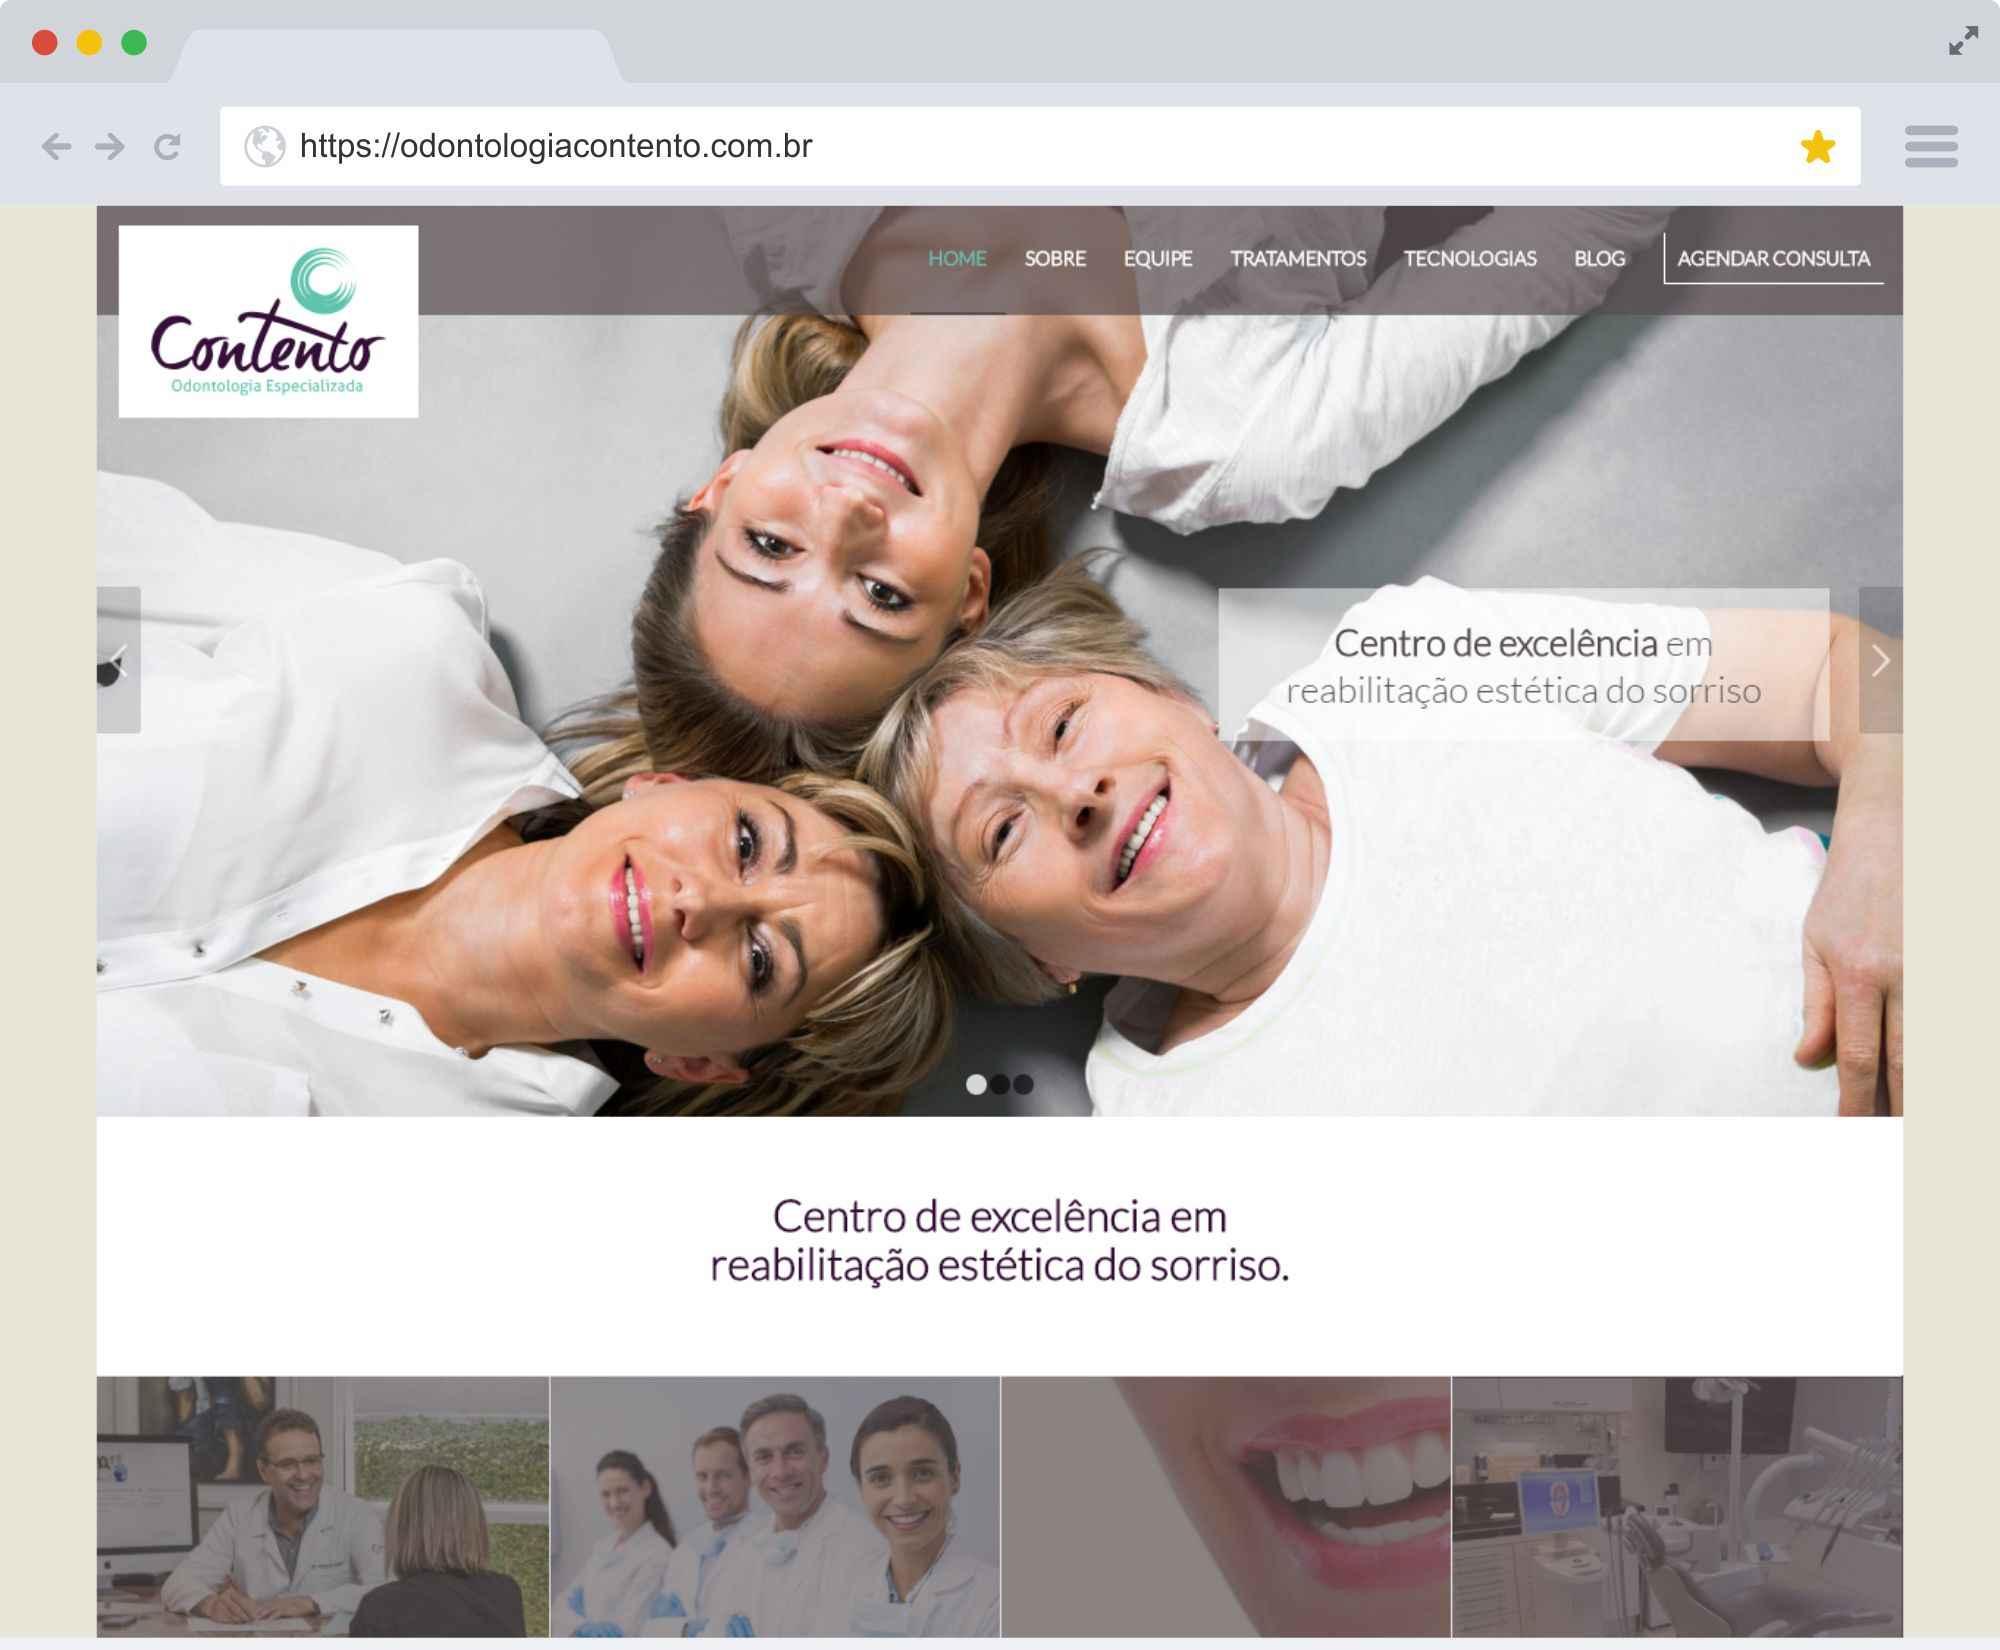 odontologiacontento.com.br